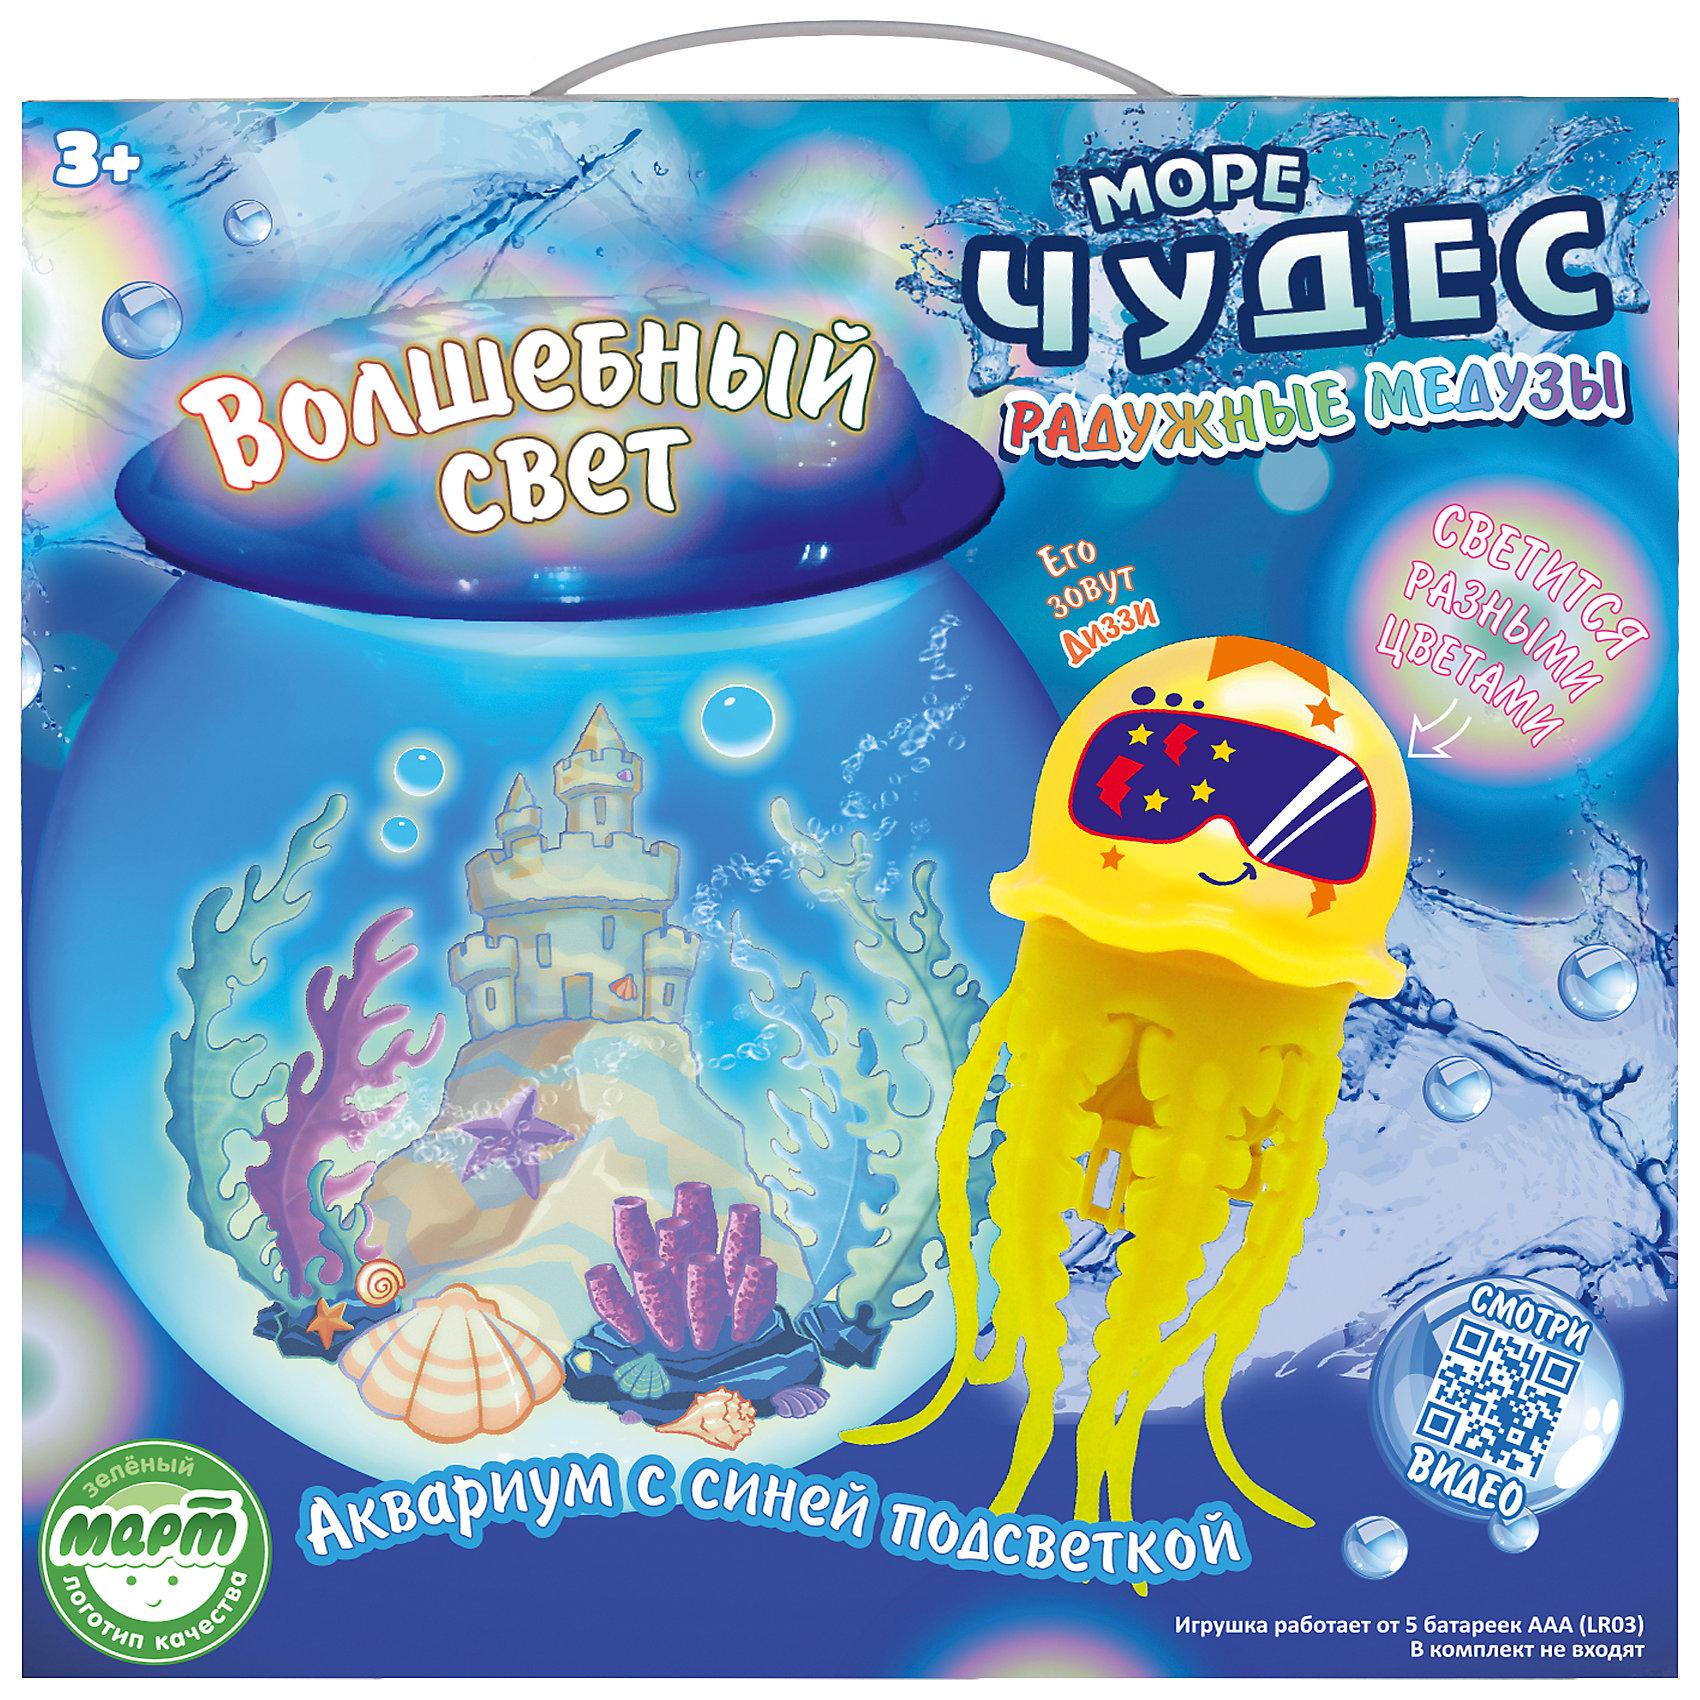 Набор Волшебный свет  с медузой Диззи, Море чудесРоборыбки и русалки<br>Набор Волшебный свет с медузой Диззи, Море чудес<br><br>Характеристики:<br><br>- Цвет: желтый, синий.<br>- В комплекте: аквариум, медуза, 19 стикеров.<br>- Наличие батареек: не входят в комплект.<br>- Тип батареек: 5 x AAA / LR03 1.5V (мизинчиковые).<br>- Материал: пластик, металл.<br>- Размер упаковки: 24x24x25 см.<br>- Вес: 715 гр.<br><br>Набор Волшебный свет с медузой Диззи, Море чудес – замечательная и занимательная игрушка для вашего малыша. В набор входит небольшой аквариум, лист, со светящимися в темноте наклейками, и желтая электромеханическая медуза по имени Диззи. Перед началом игры необходимо вставить батарейки, обклеить аквариум стикерами так, как нравится, налить туда воду и запустить Диззи внутрь. Для полноты эффекта свет лучше выключить. Аквариум освещается синей подсветкой, а медуза плавает и танцует в воде, переливаясь разными цветами. Такая чудесная игрушка, безусловно привлечет внимание вашего ребенка и надолго увлечет его.<br><br>Набор Волшебный свет с медузой Диззи, Море чудес, можно купить в нашем интернет – магазине.<br><br>Ширина мм: 230<br>Глубина мм: 230<br>Высота мм: 230<br>Вес г: 1997<br>Возраст от месяцев: 36<br>Возраст до месяцев: 72<br>Пол: Унисекс<br>Возраст: Детский<br>SKU: 4278299